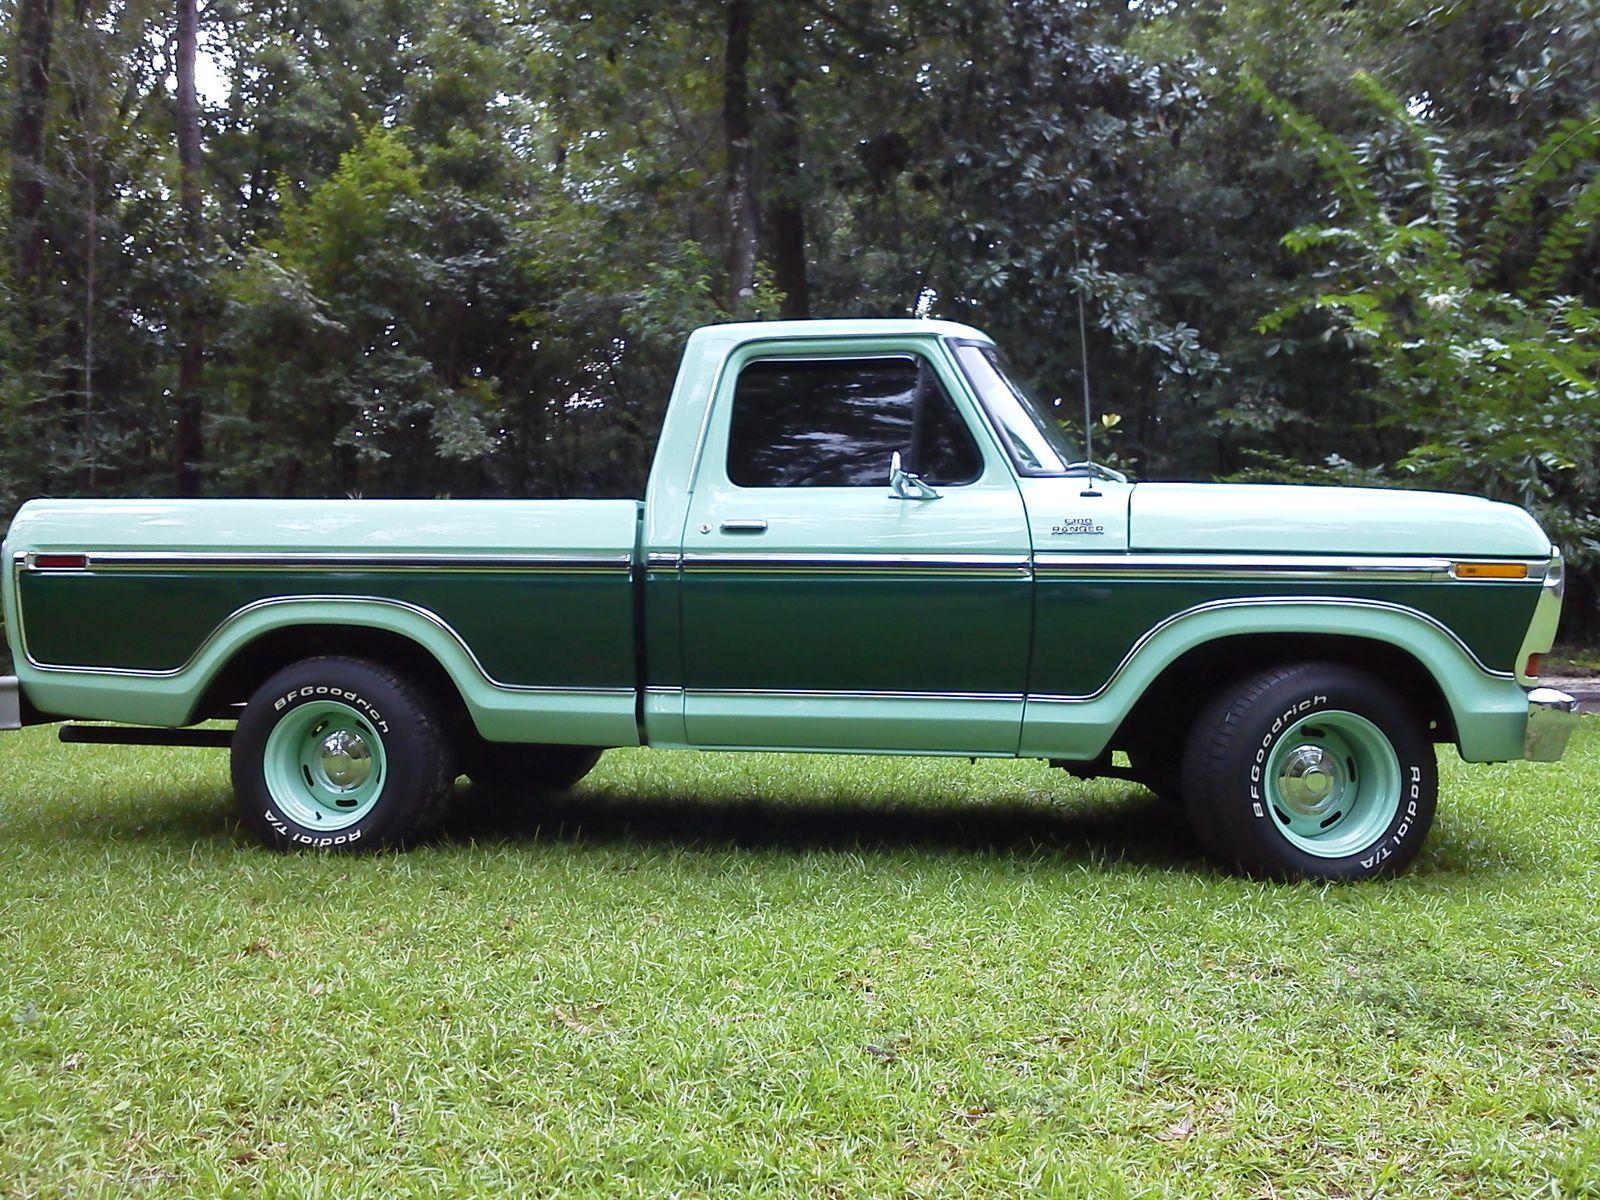 1978 Ford F100 Ranger Classic Ford Trucks Old Ford Trucks Ford Trucks